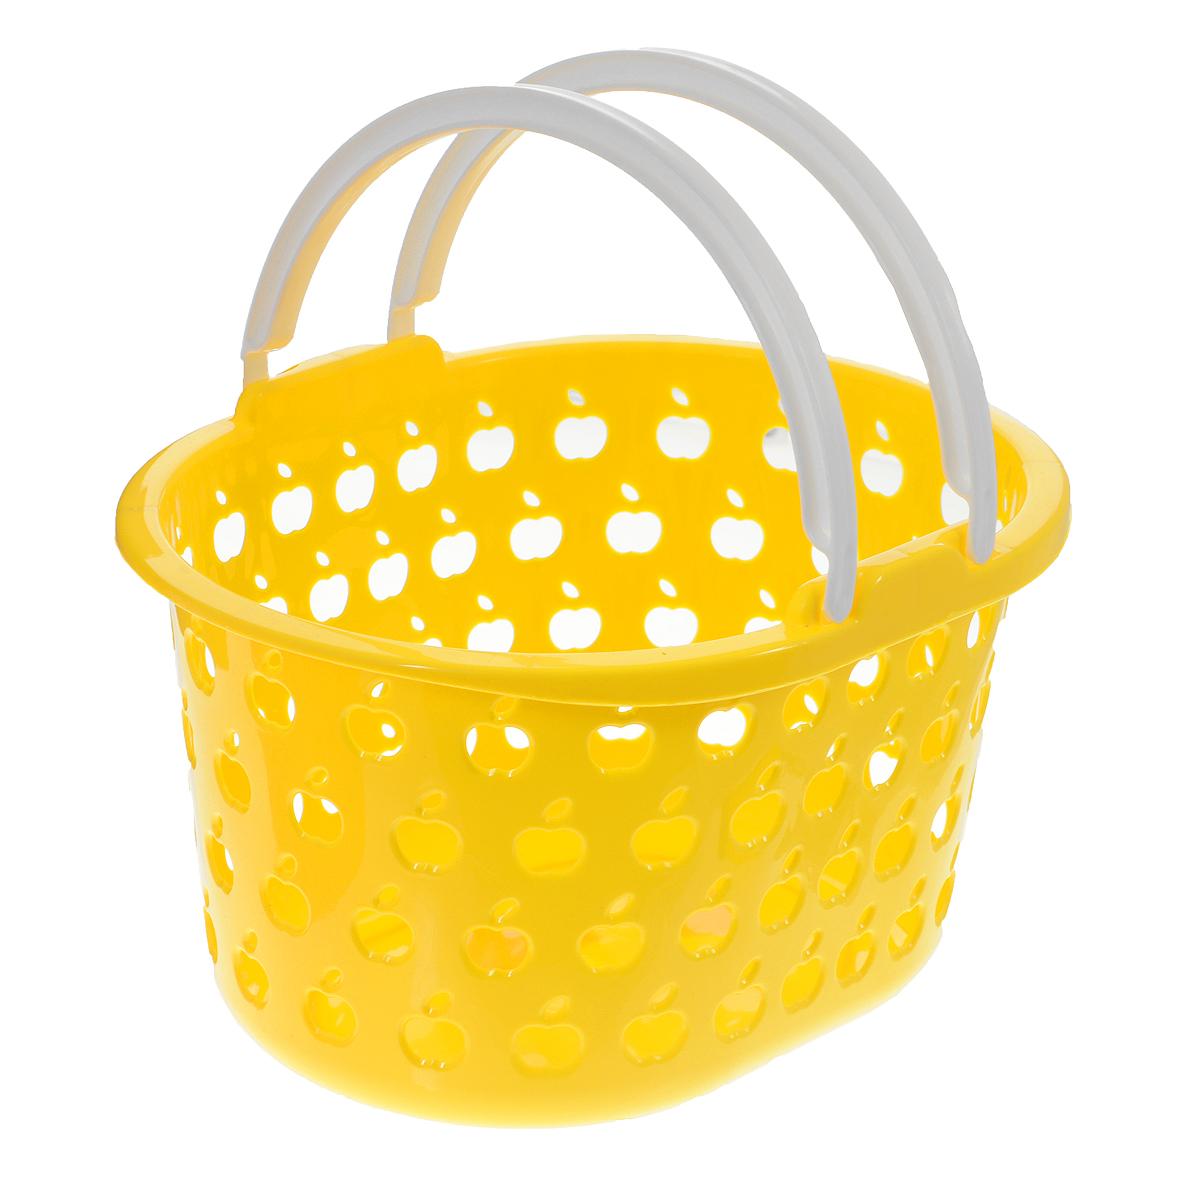 Корзина Полимербыт Стайл, цвет: желтый, белый, 3,2 лFD-59Овальная корзина Полимербыт Стайл изготовлена из высококачественного цветного пластика и декорирована перфорацией в виде яблок. Она предназначена для хранения различных мелочей дома или на даче. Для удобства переноски имеются две ручки. Позволяет хранить мелкие вещи, исключая возможность их потери. Корзина очень вместительная. Элегантный выдержанный дизайн позволяет органично вписаться в ваш интерьер и стать его элементом.